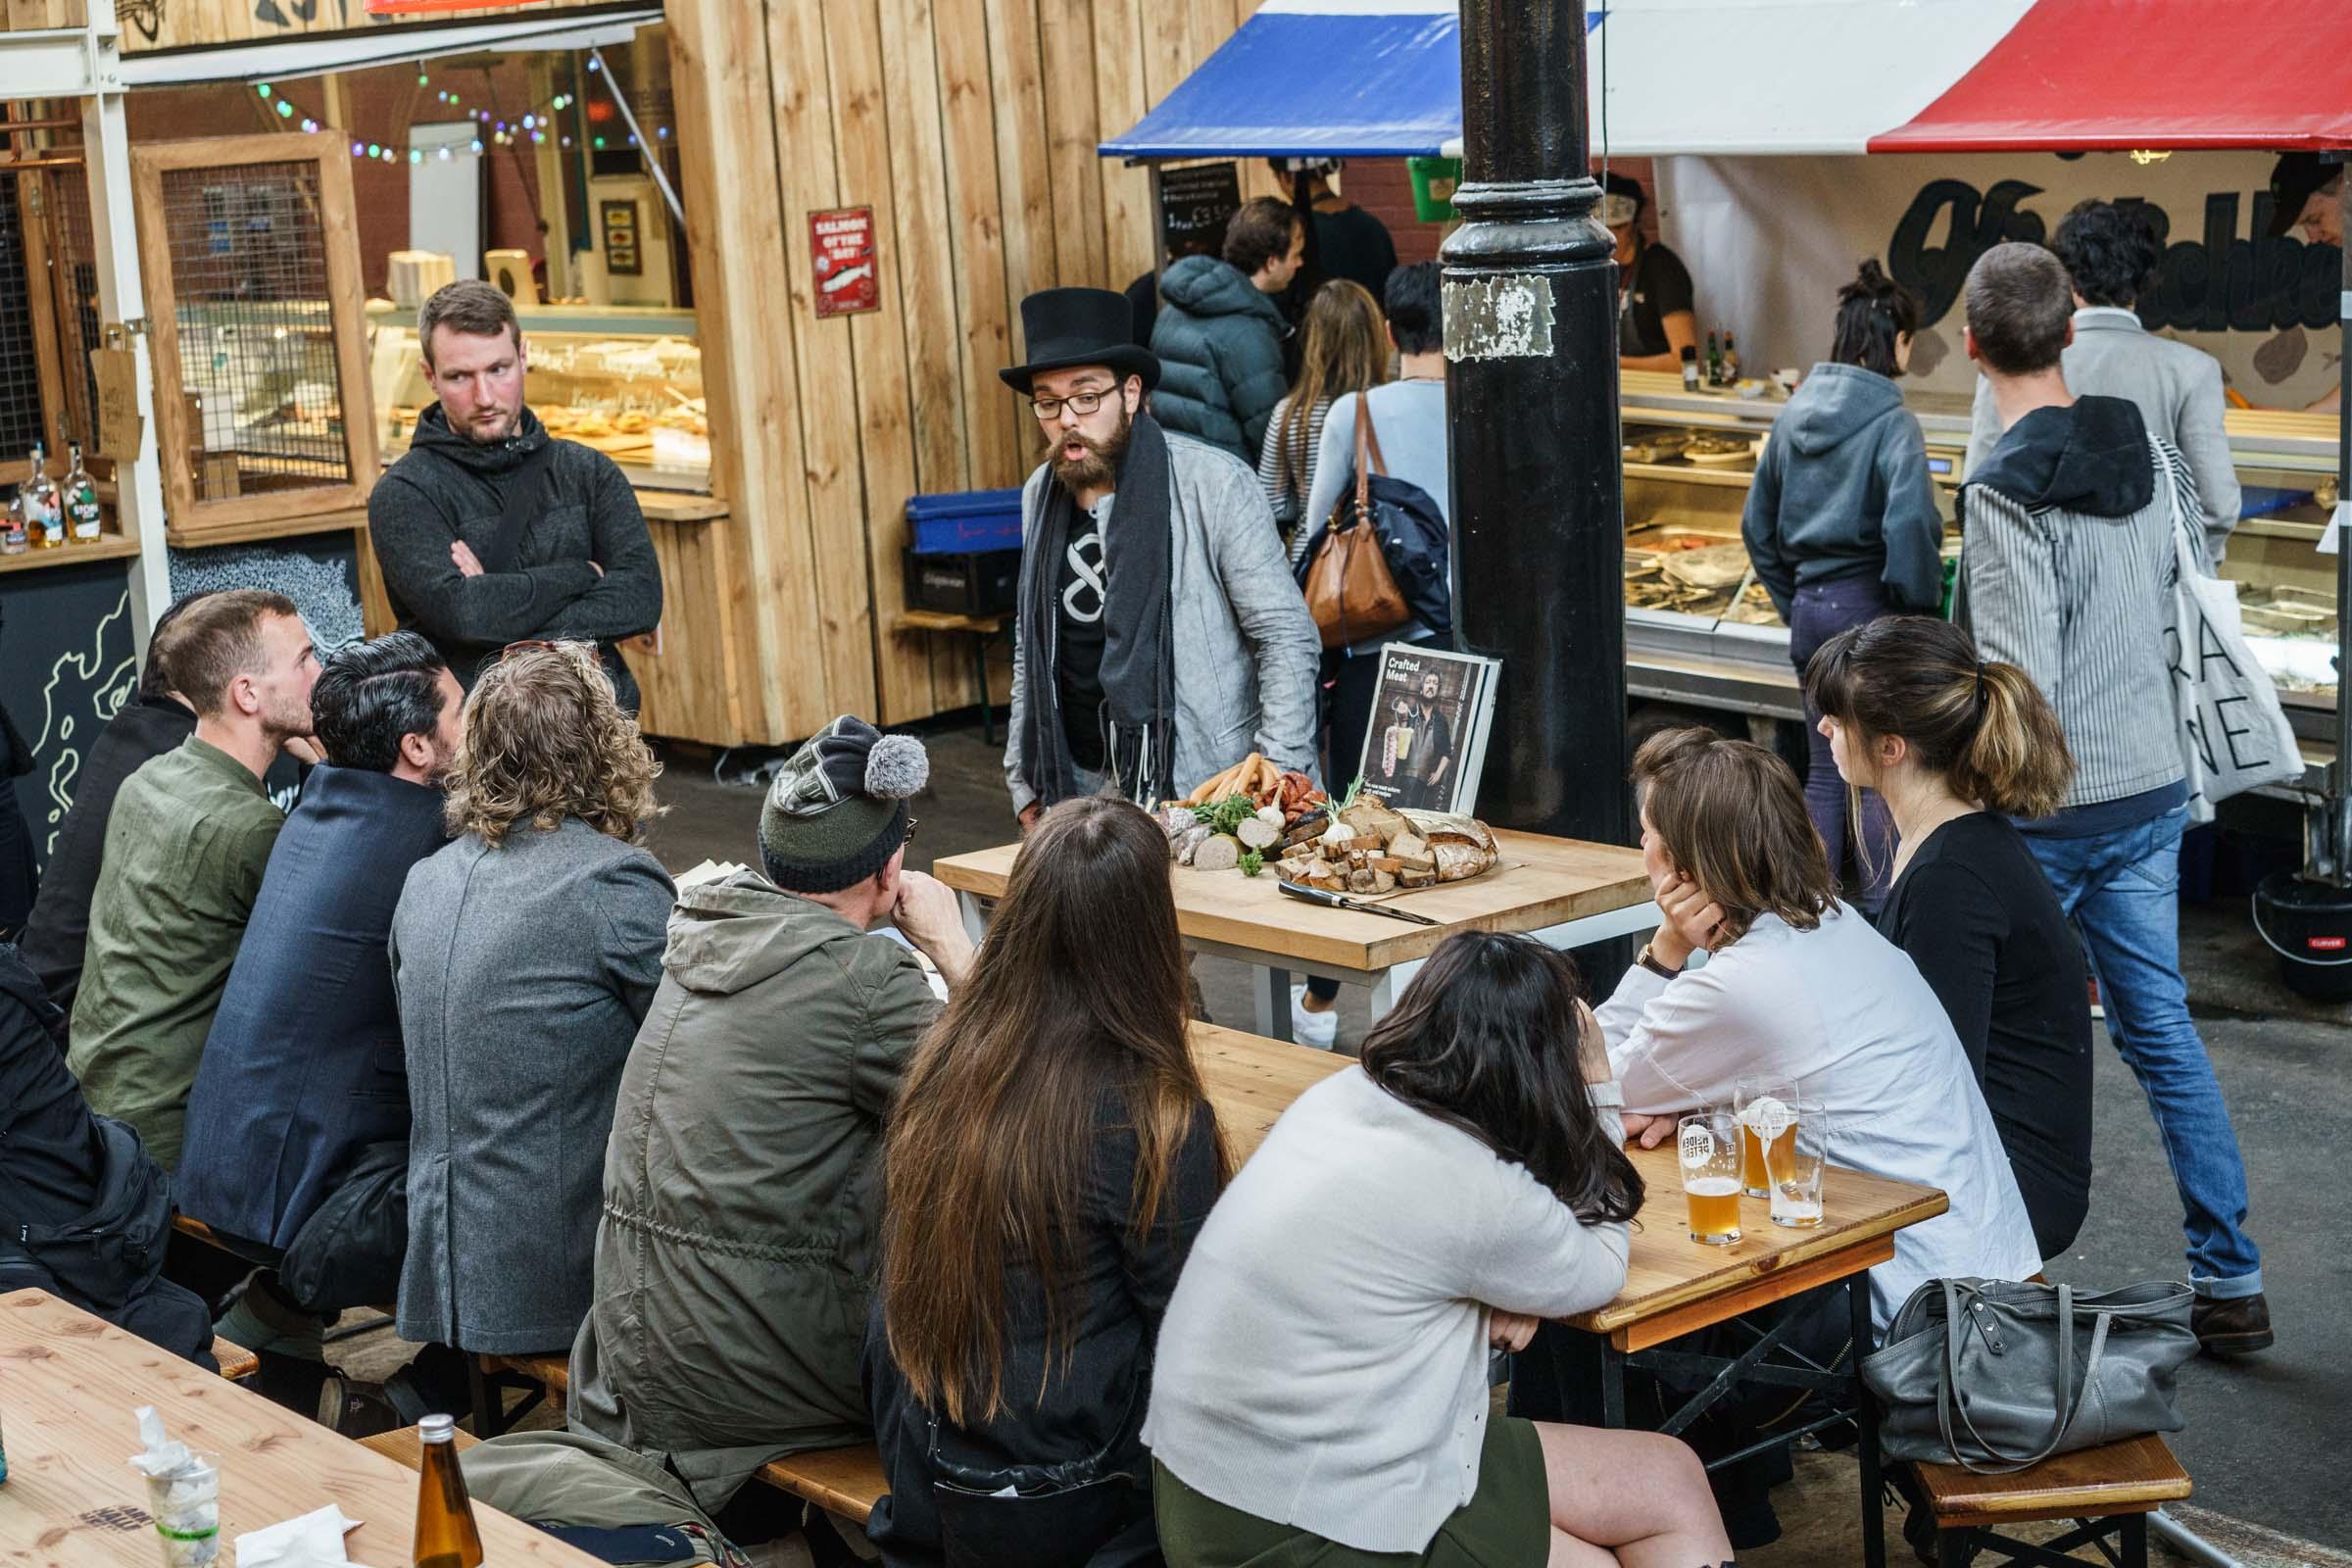 Prezentacja lokalnych produktów w Markthalle Neun (fot. Sonni Holmstedt)